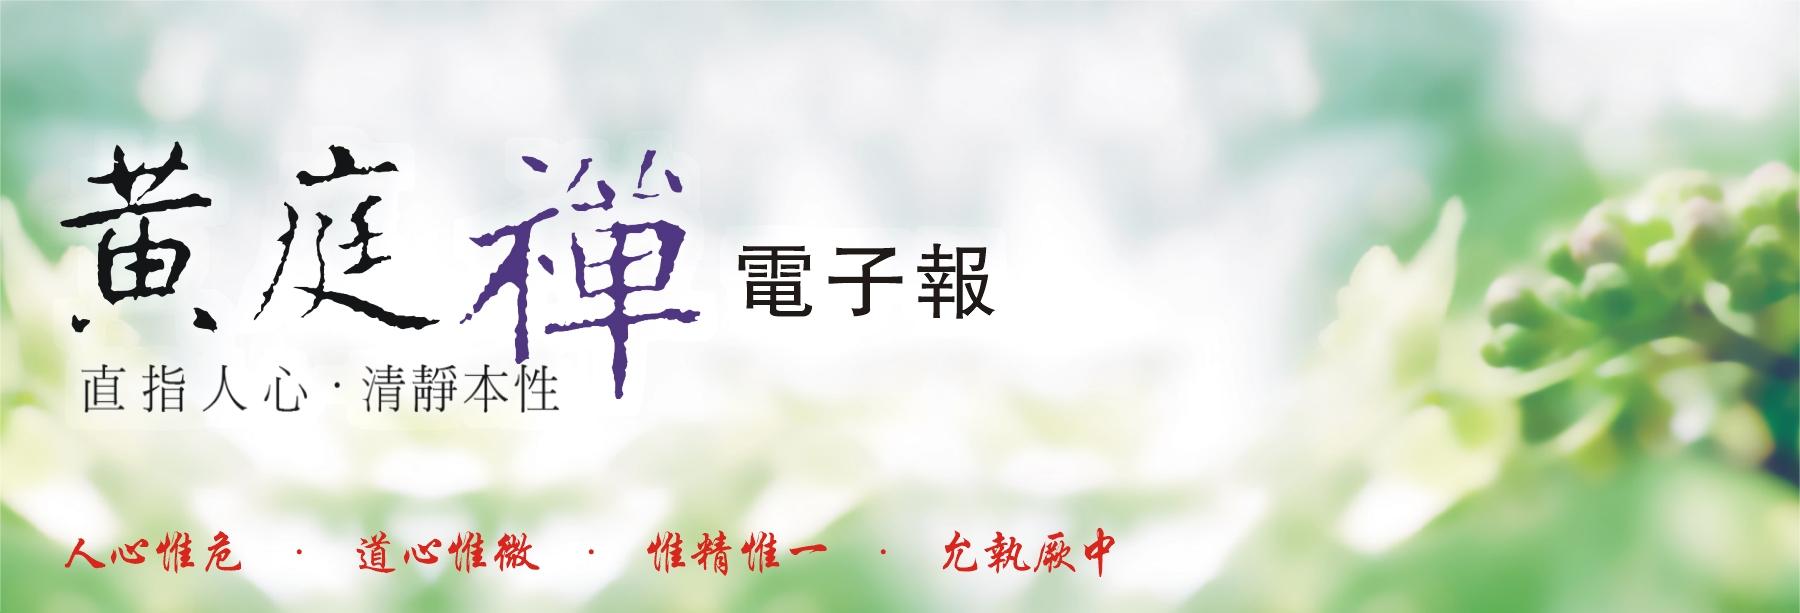 中華黃庭禪學會2015.08.01電子報